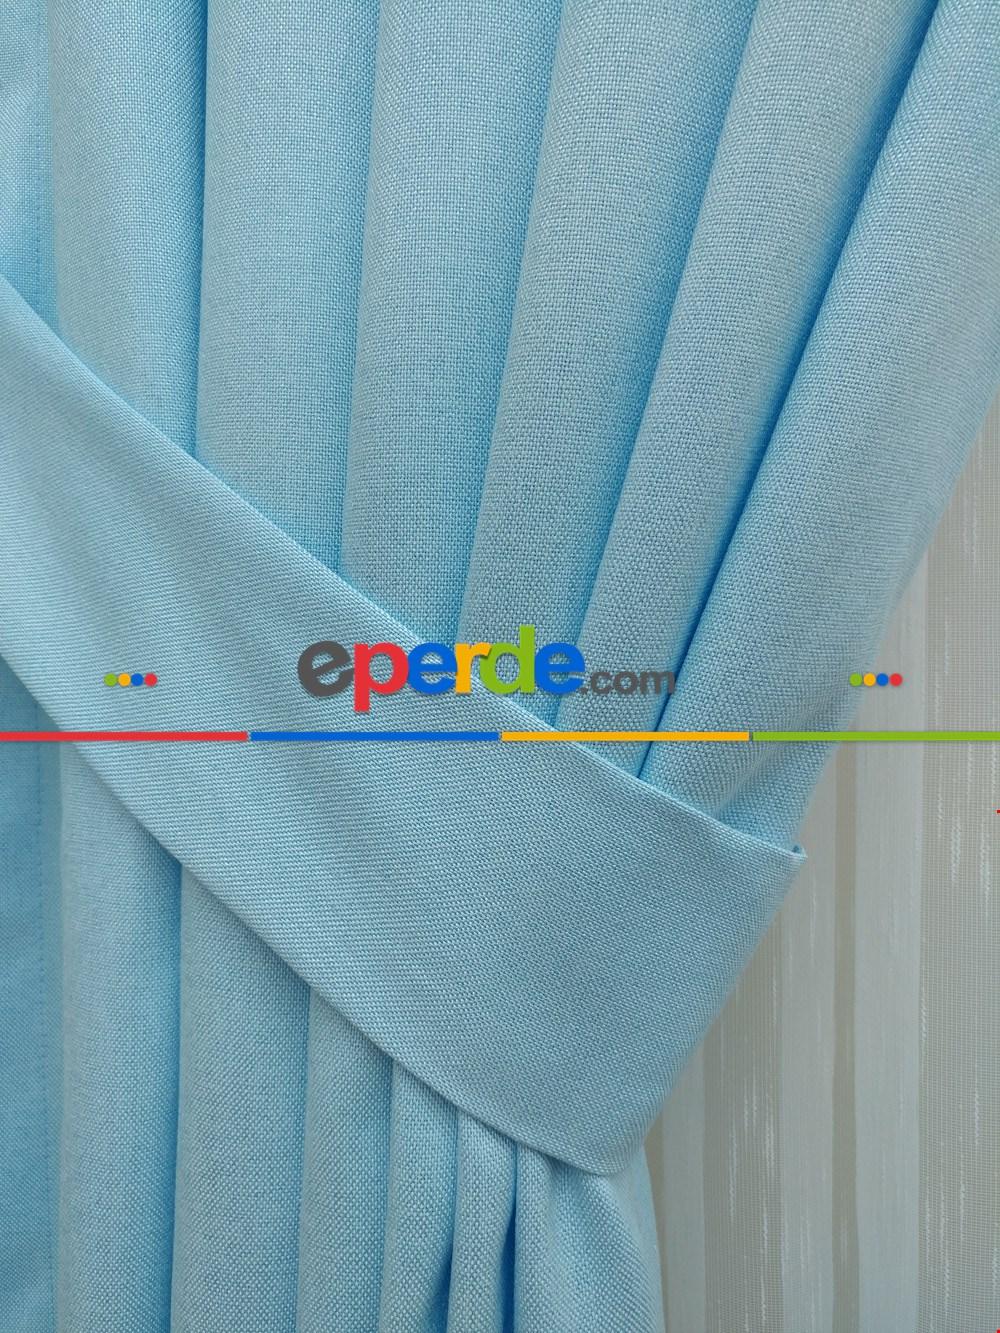 Kız Çocuk Odası Fon Perde Sık Doku Yüksek Gramajlı 2018 (ürün Memnuniyet Garantili) Mavi Açık